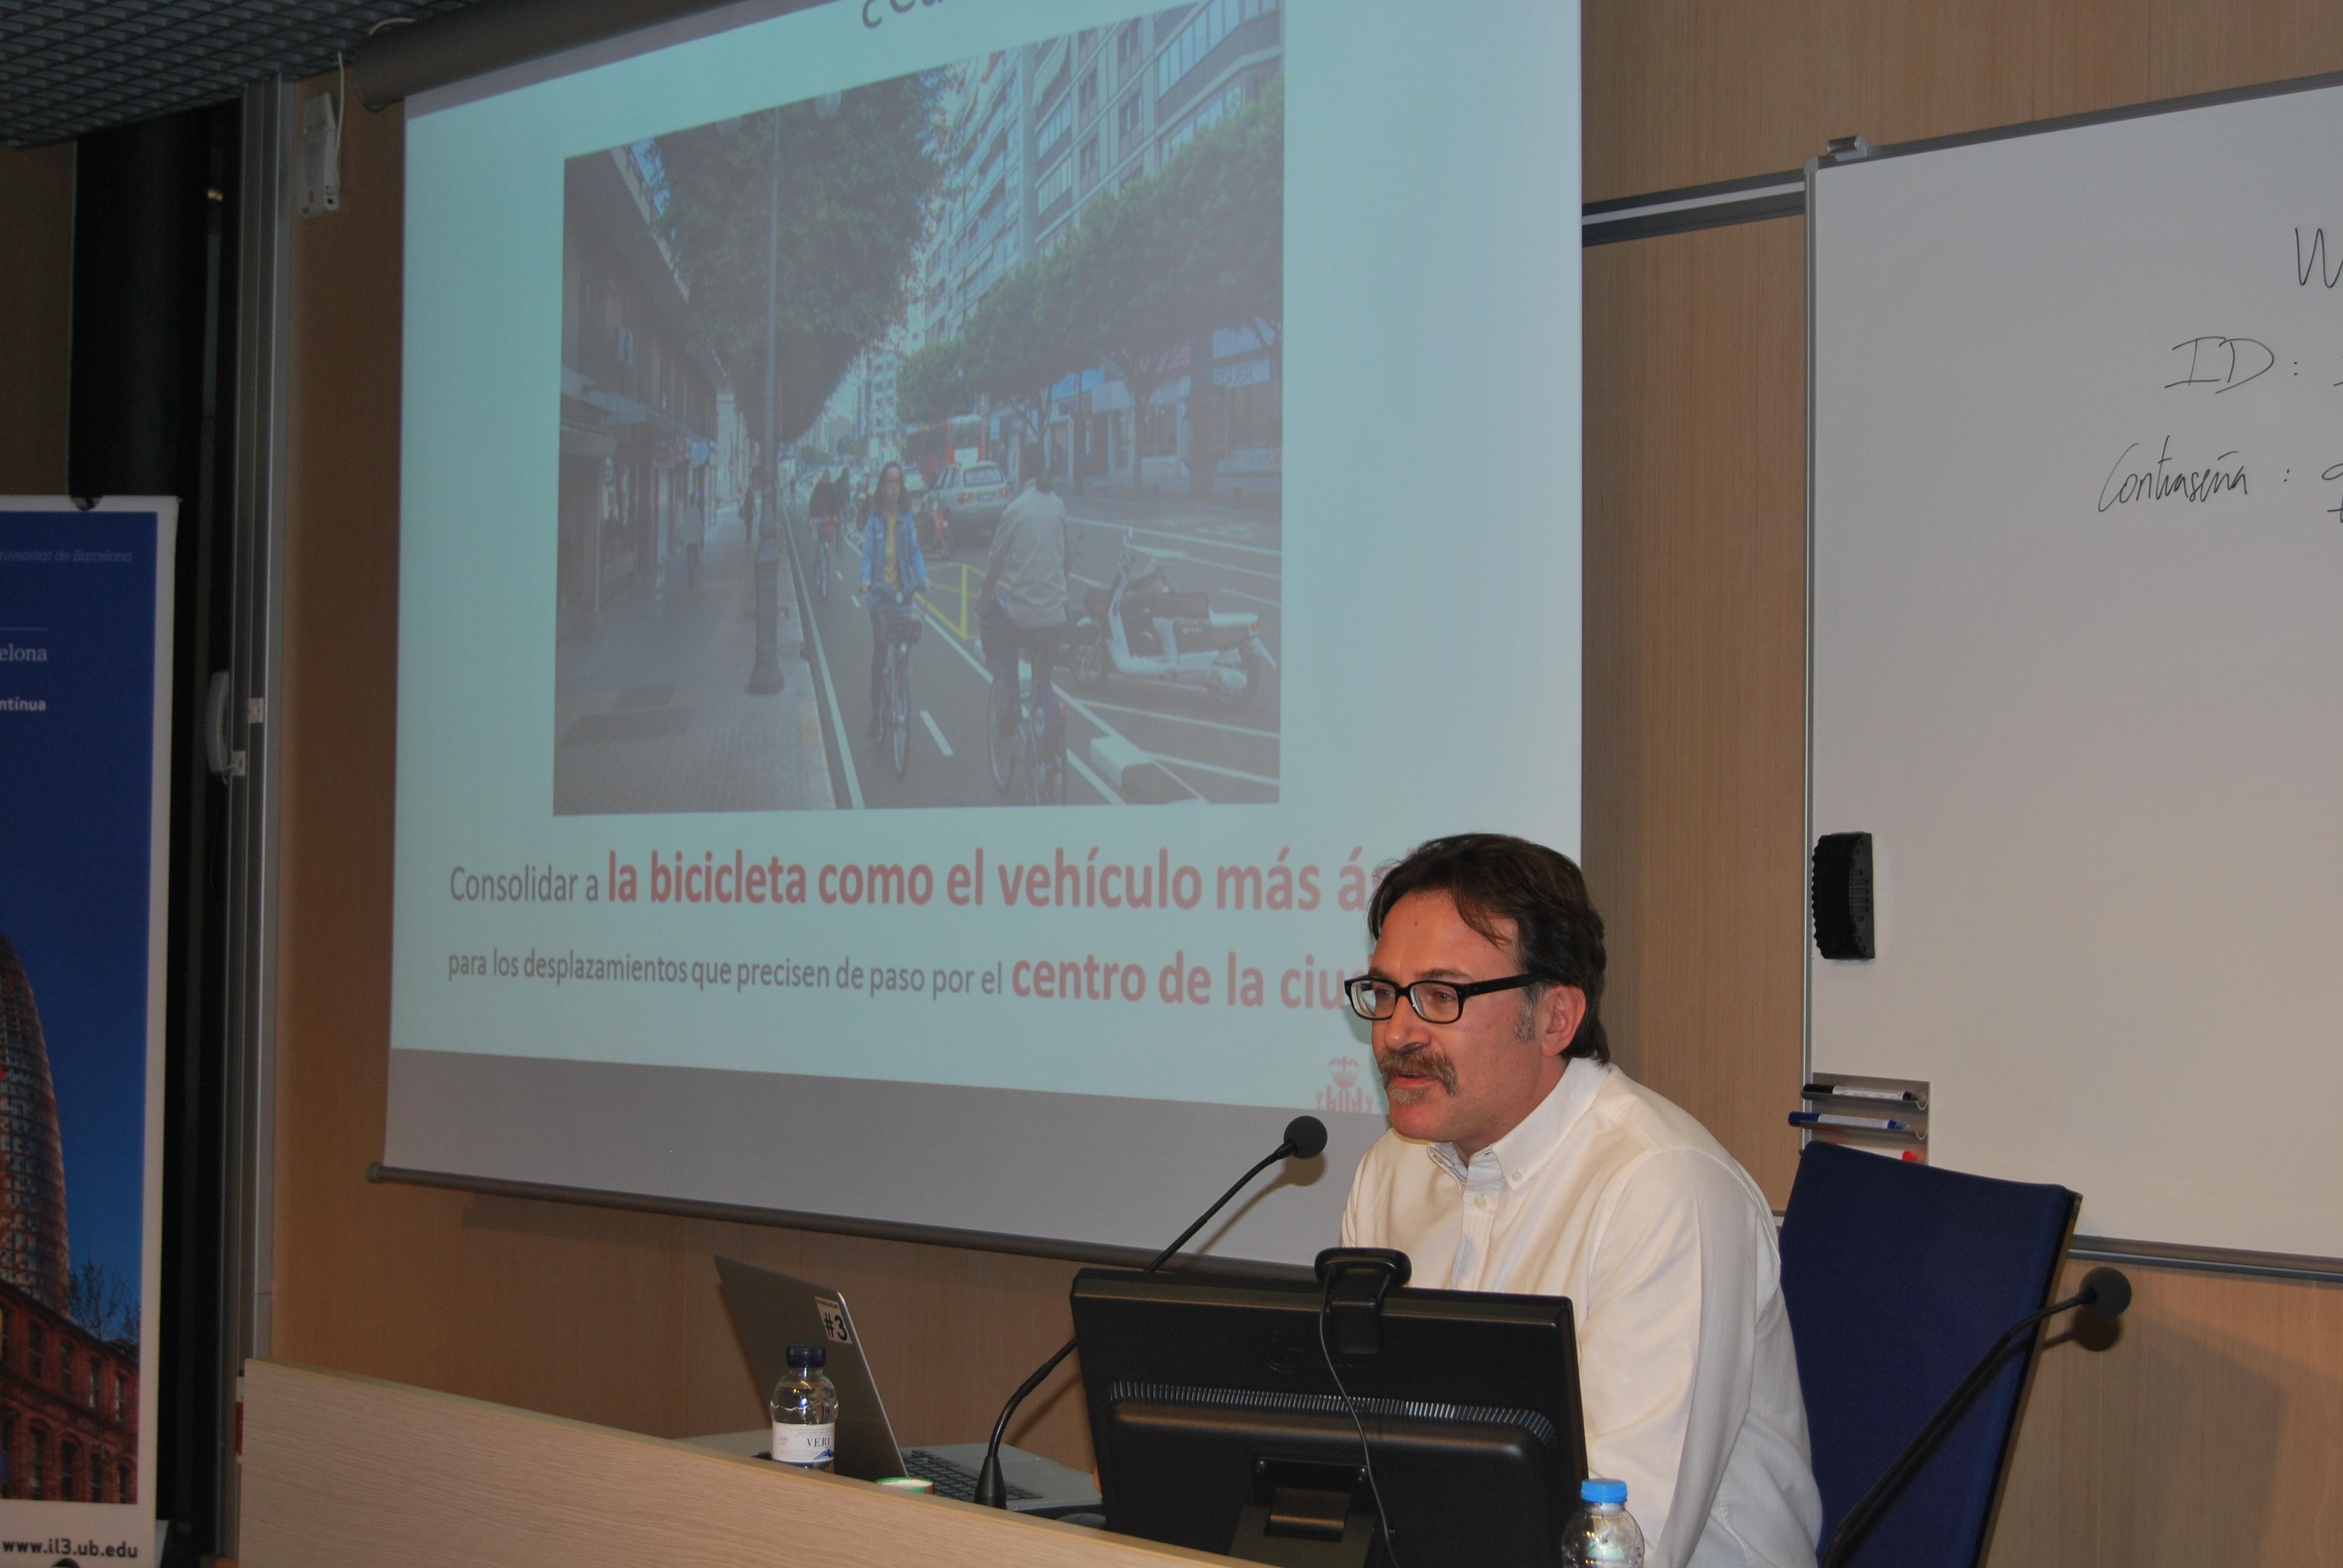 Giuseppe Grezzi, Regidor de l'Ajuntament de València, presentant l'Anella Ciclista